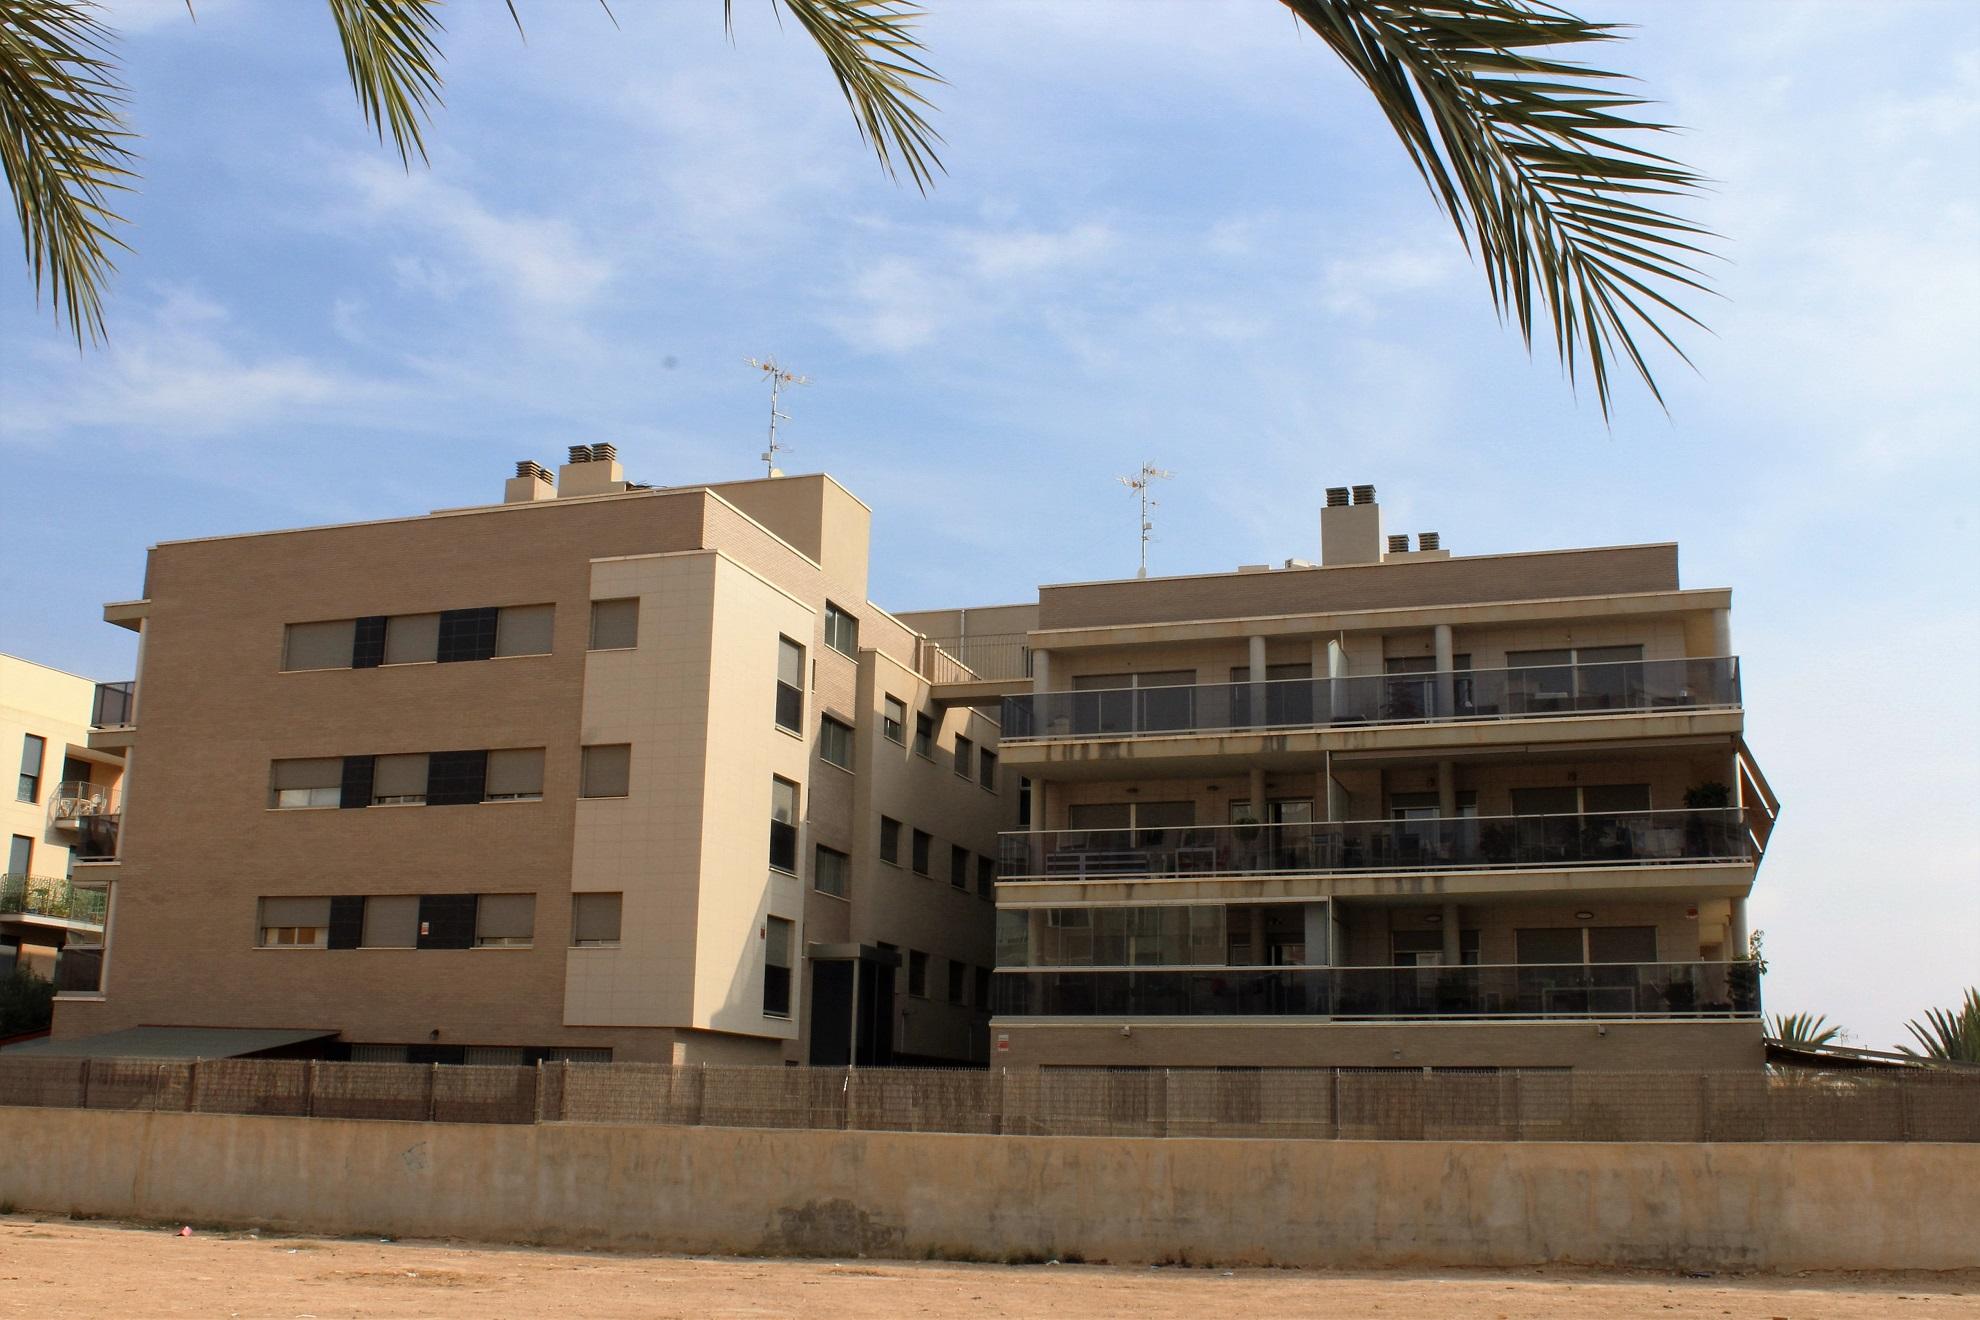 Proyecto de Instalaciones Edificio Viviendas en el Sector HO2 del P.G.O.U. de Elche, Partida de la Hoya